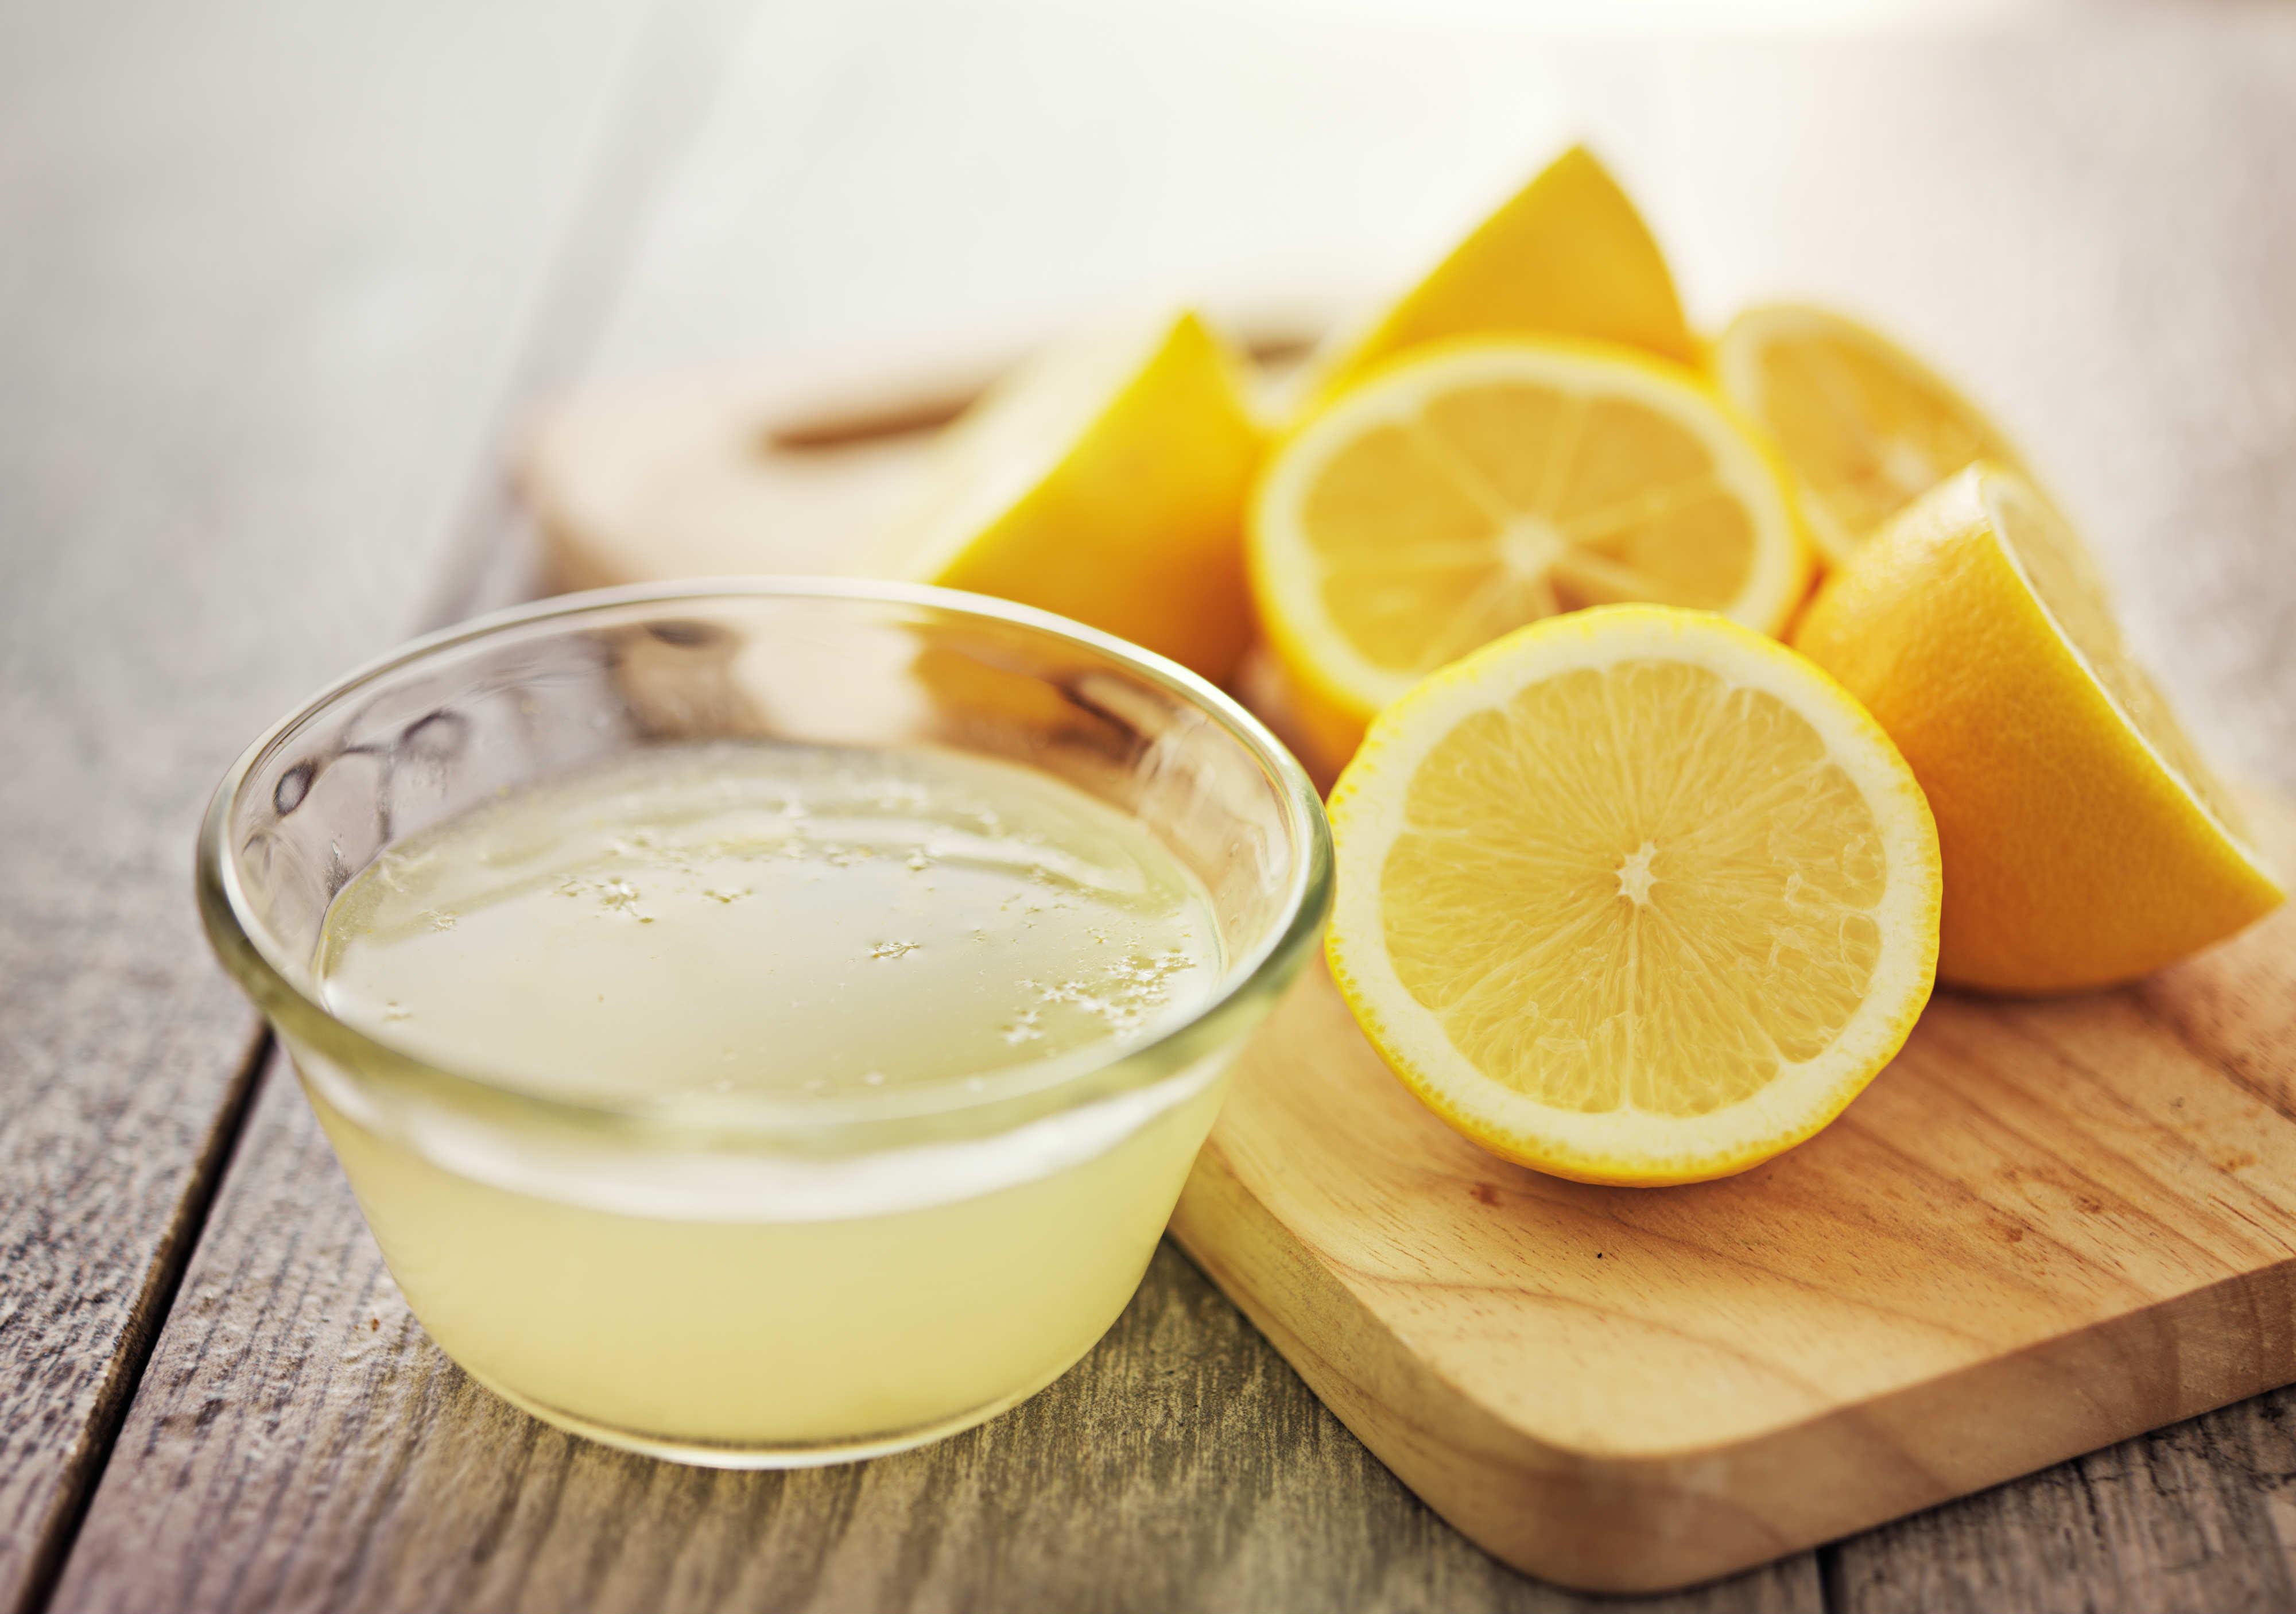 proprietà e benefici del limone